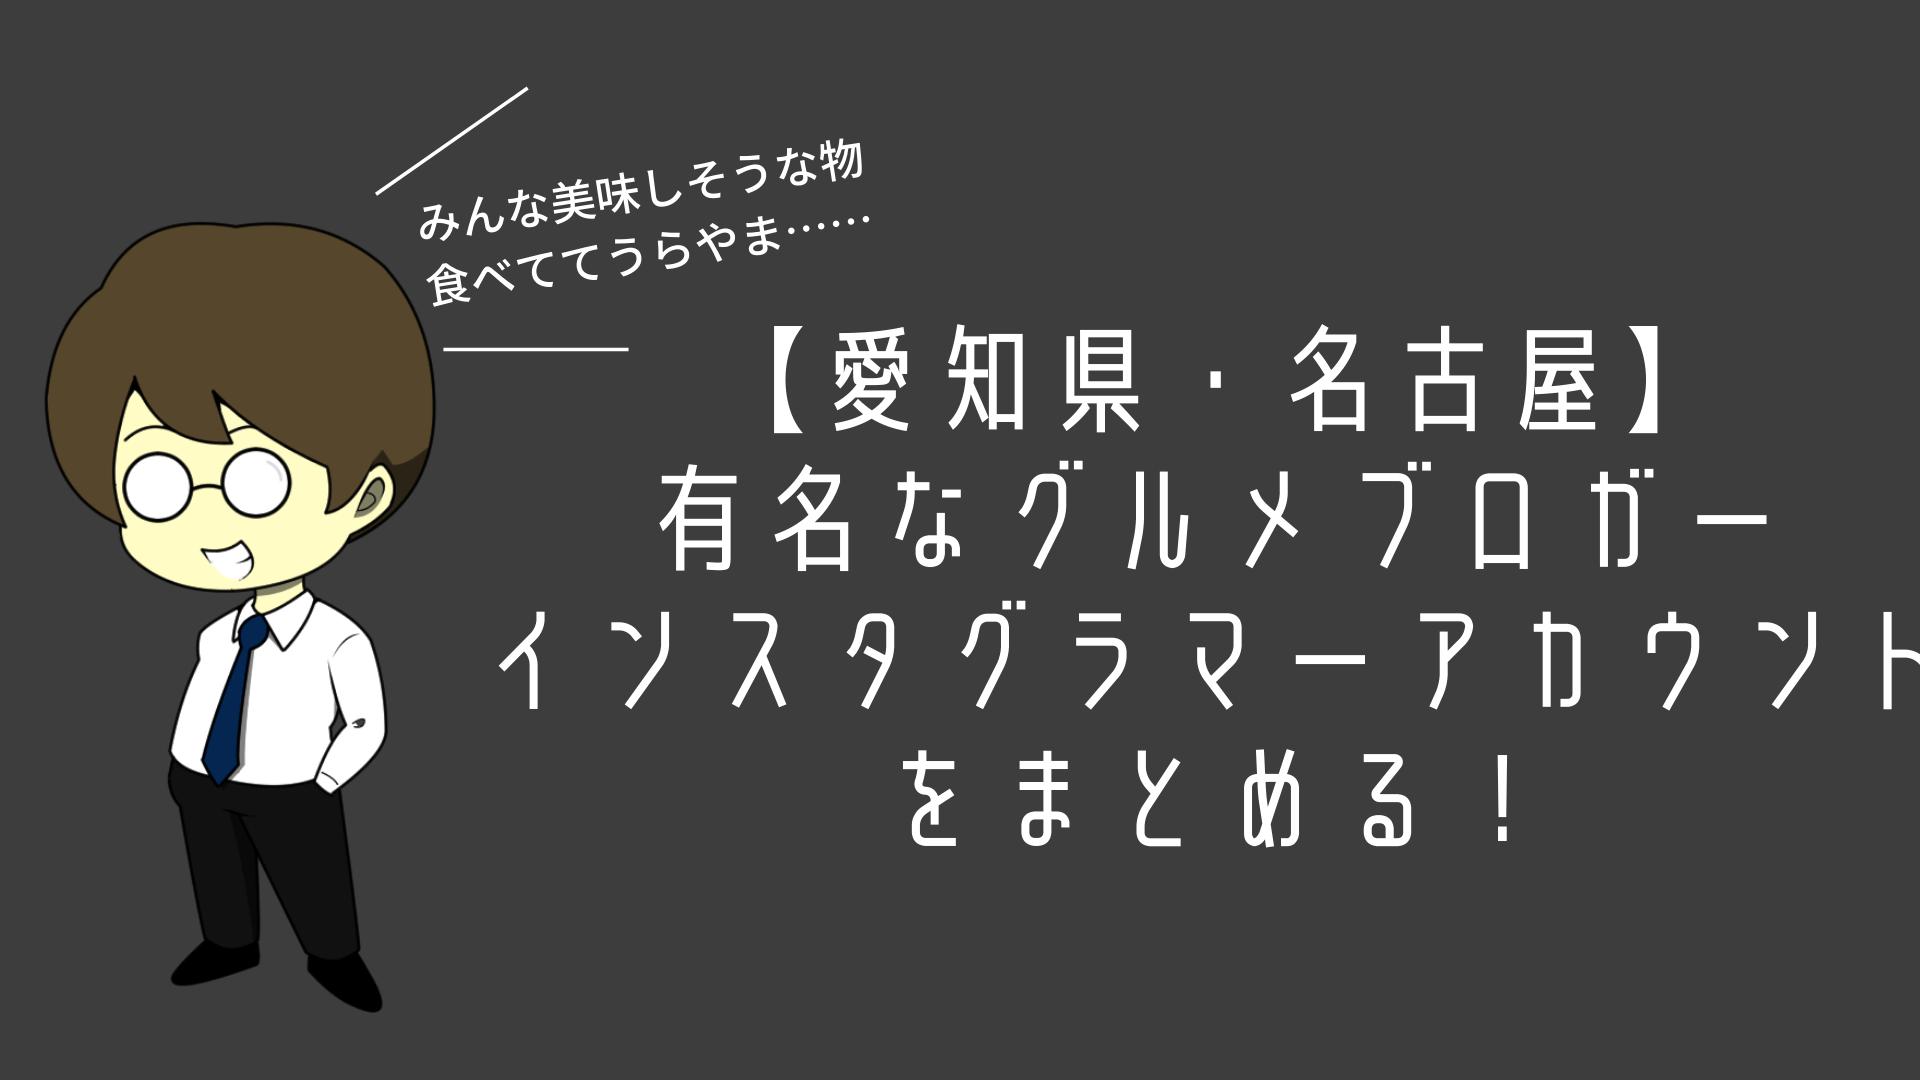 【愛知県・名古屋】有名なグルメブロガー・インスタグラマーアカウントをまとめる!